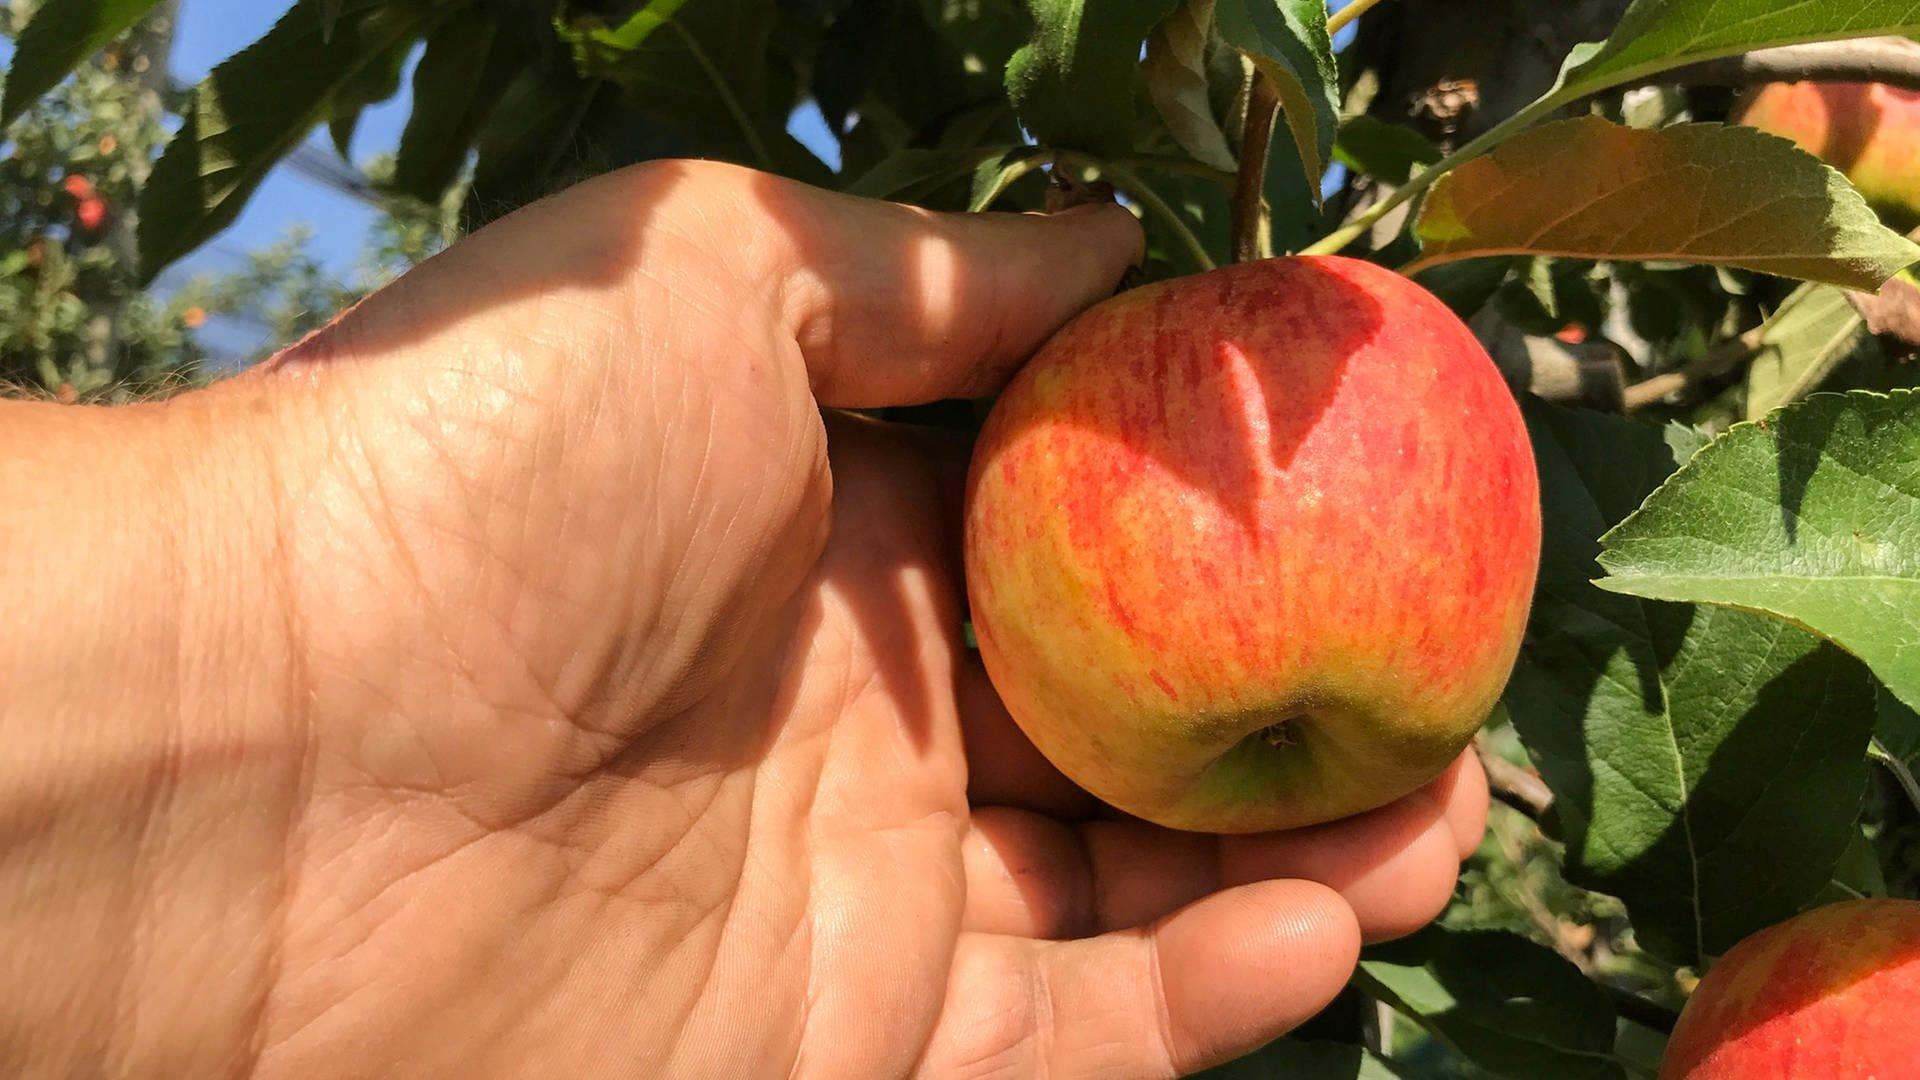 Eine Hand hält einen Apfel, der am Baum hängt. Gesehen bei Obstbauer Albrecht Rembold aus Öhringen-Baumerlenbach